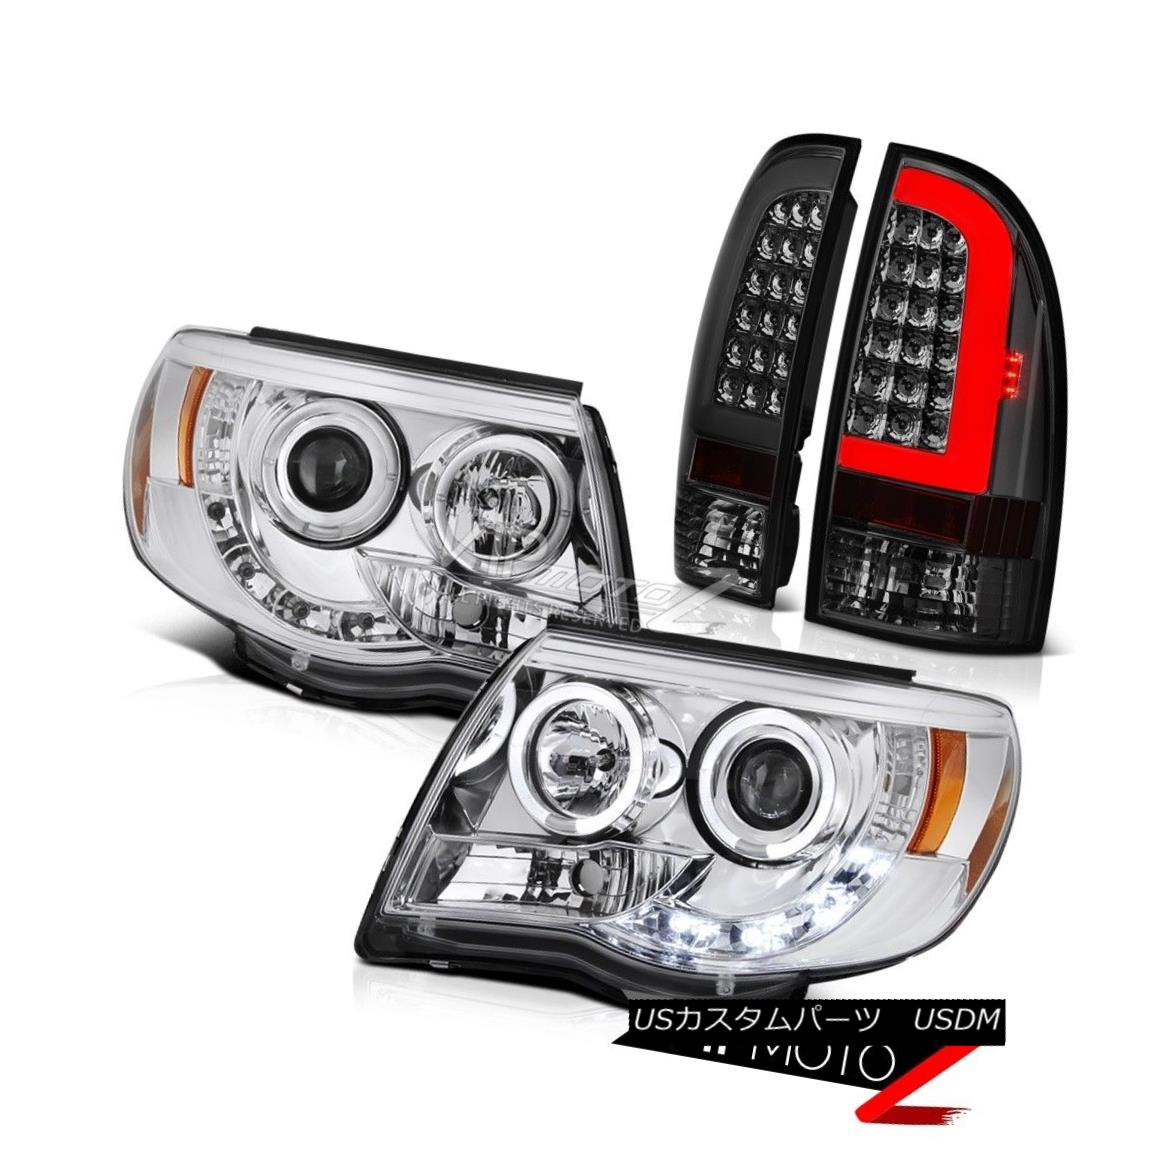 ヘッドライト 05 06 07-11 Toyota Tacoma Smoked Fiber Optic Tail Chrome Custom Head Lights Pair 05 06 07-11トヨタタコマスモークファイバーオプティックテールクロームカスタムヘッドライトペア